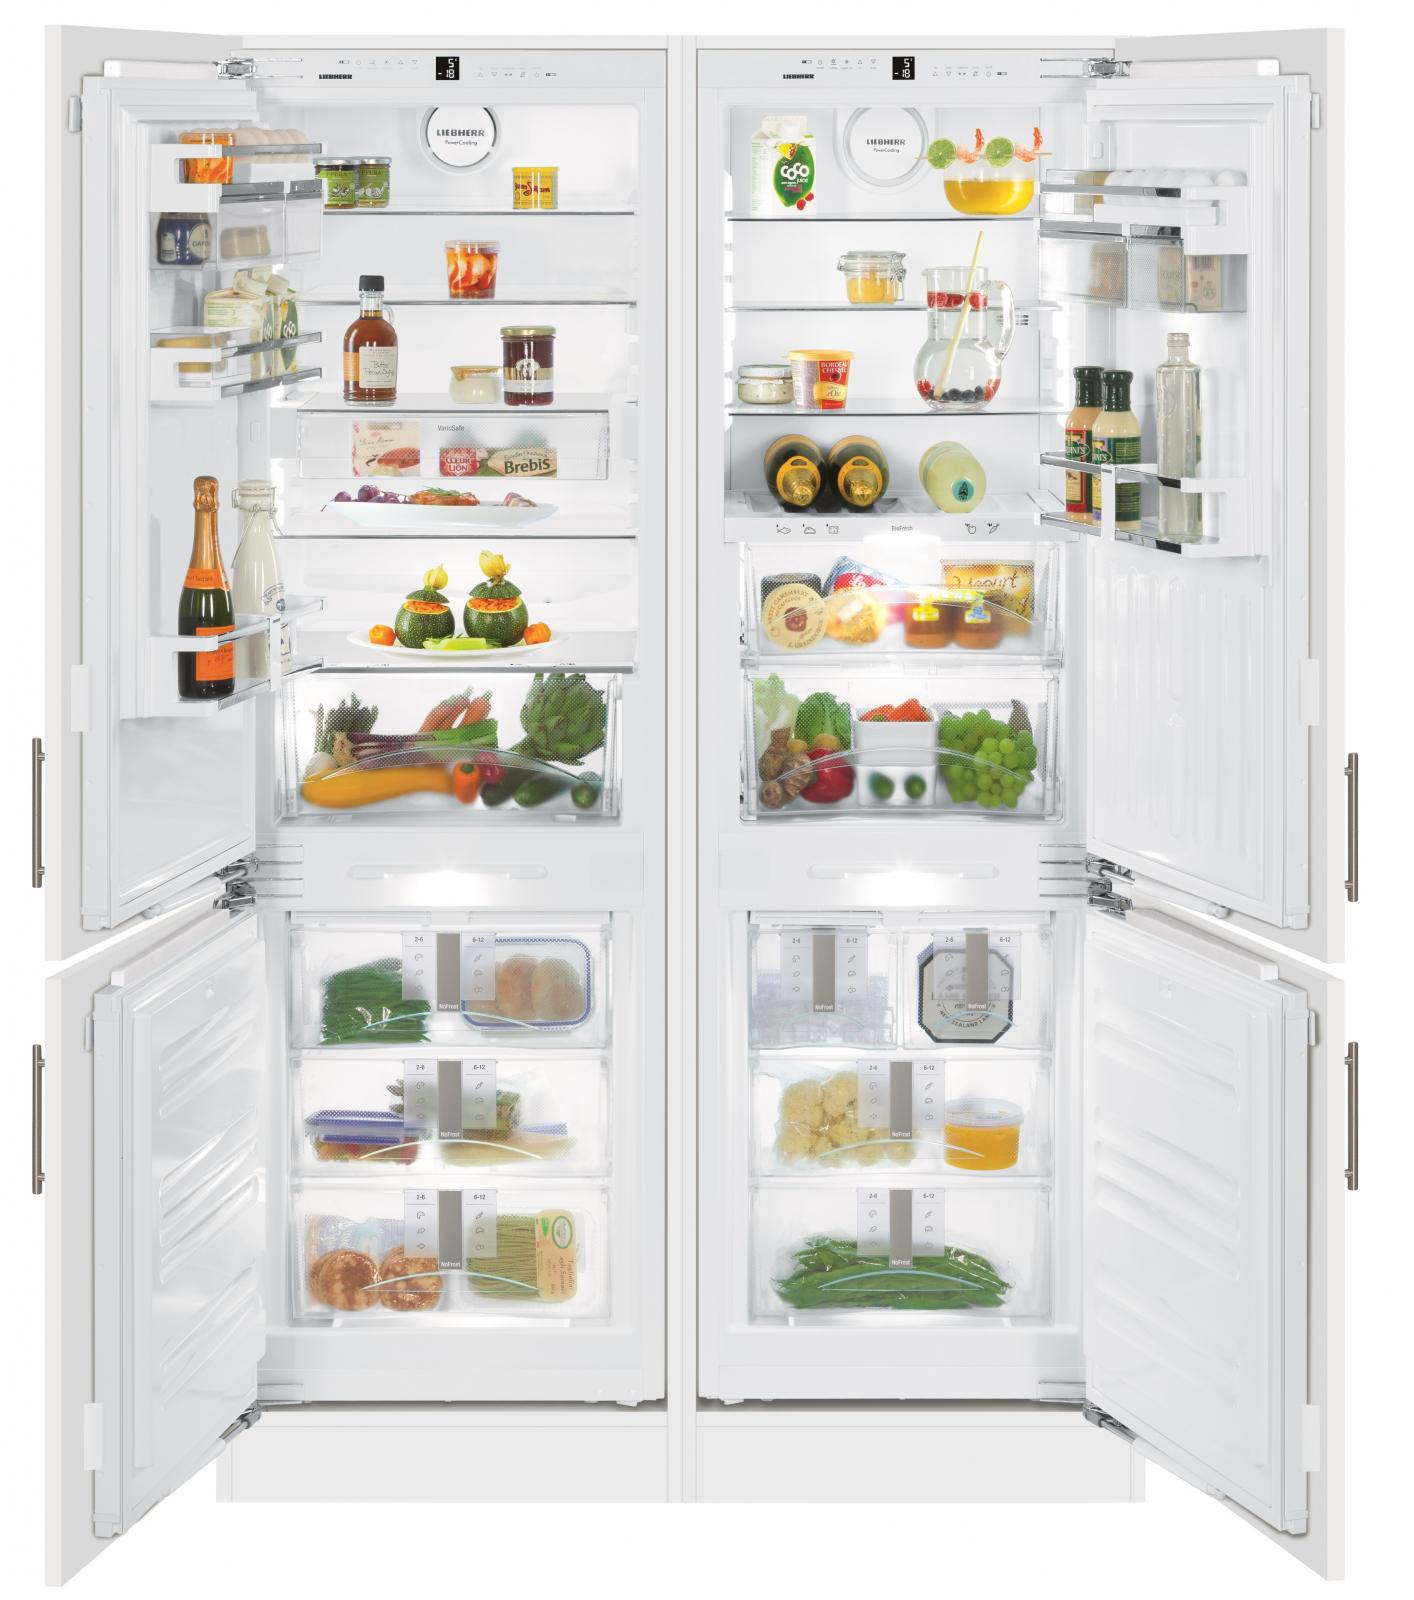 купить Встраиваемый холодильник Side-by-side Liebherr SBS 66I3 21 Украина фото 0